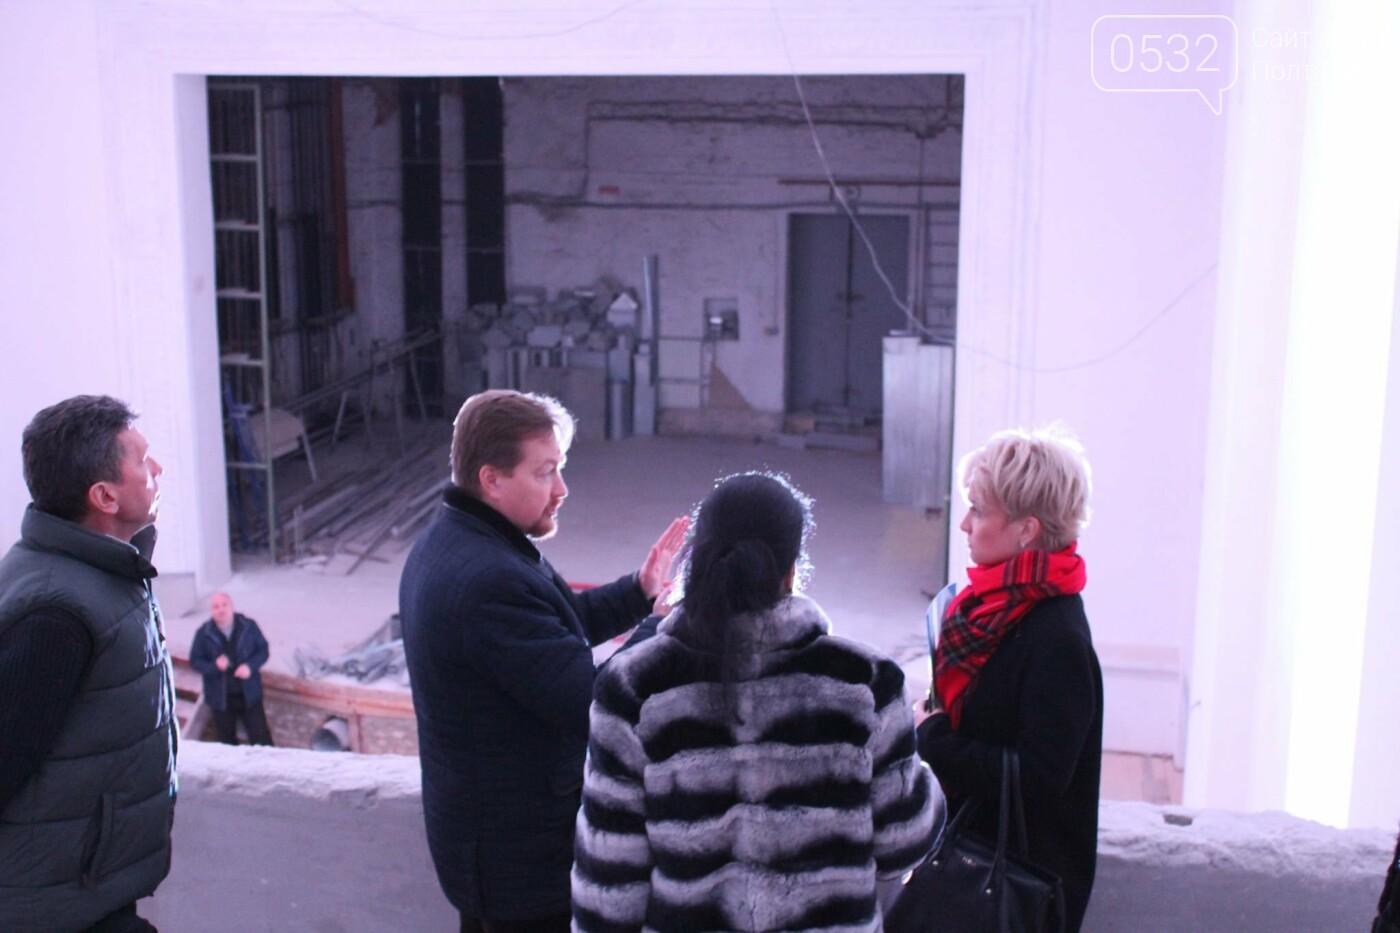 У Полтавській обласній філармонії проводять повну реконструкцію глядацької зали та сцени., фото-1